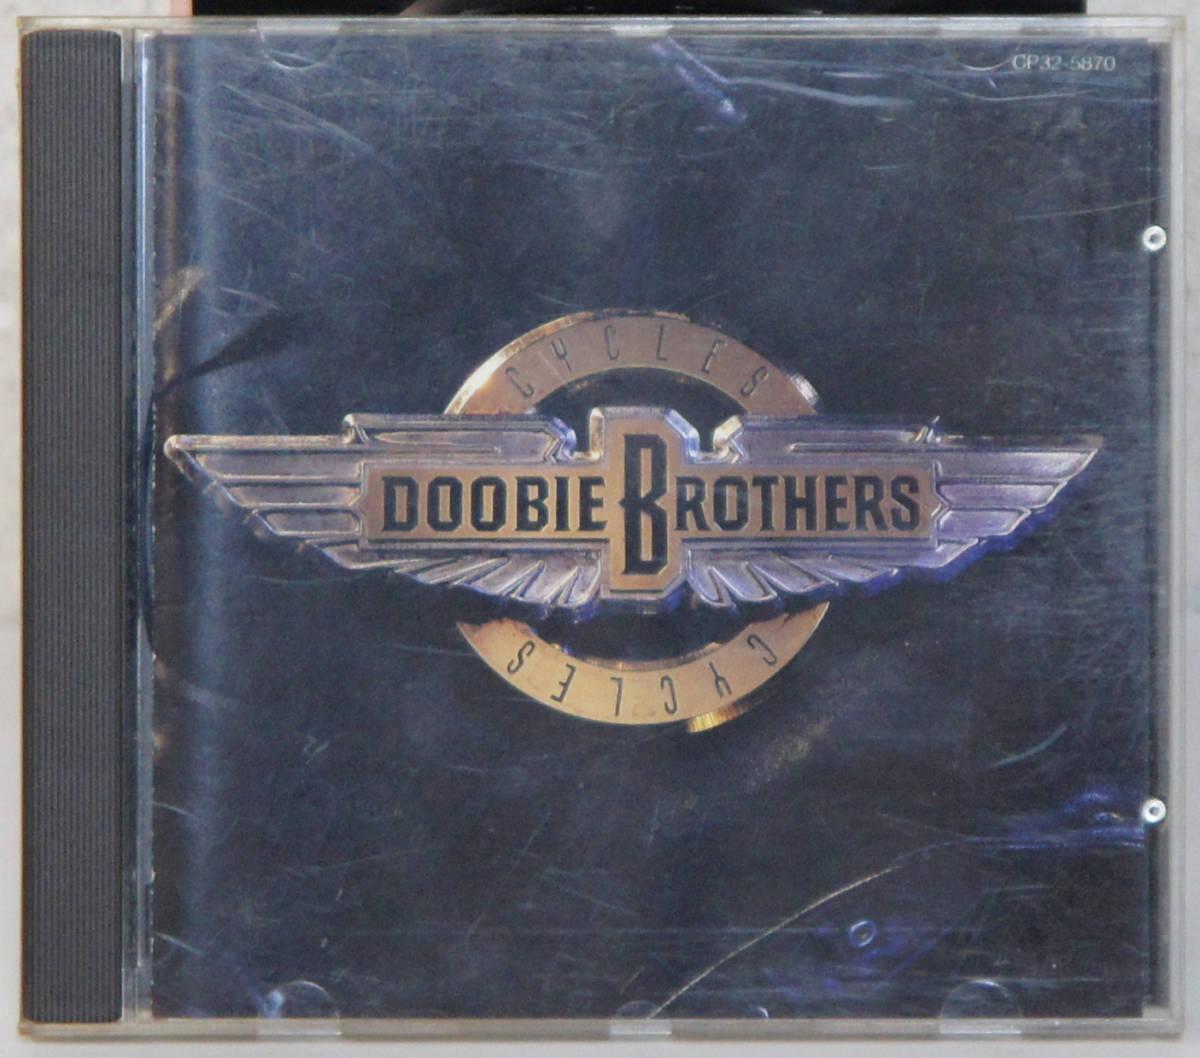 美盤CD ● THE DOOBIE BROTHERS / CYCLES ● CP32-5870 ザ・ドゥービー・ブラザーズ サイクルズ B816_画像1